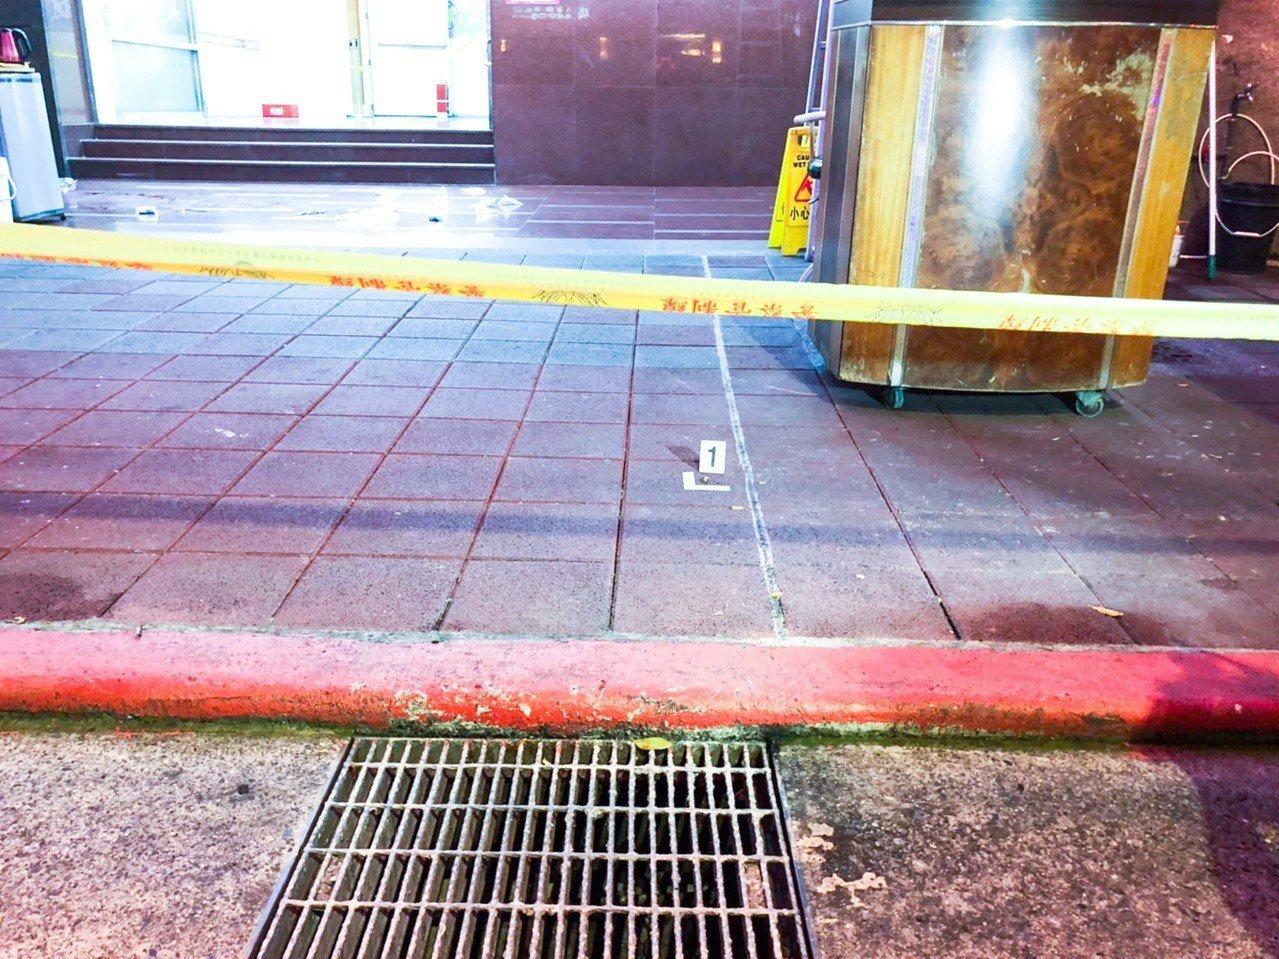 台北市重慶北路一家三溫暖店昨晚發生槍案。記者蔡翼謙/攝影